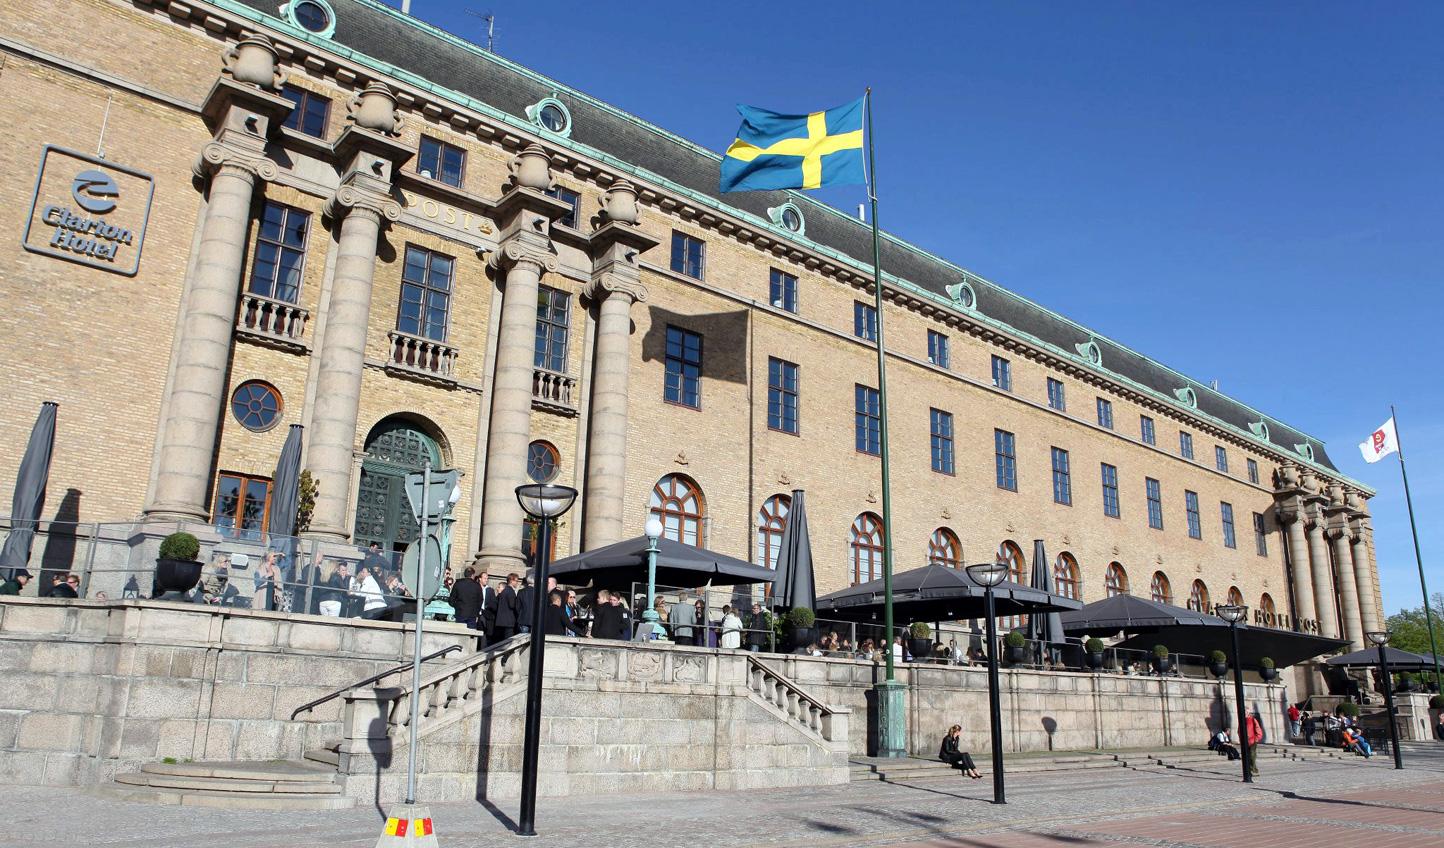 Say hello to Gothenburg